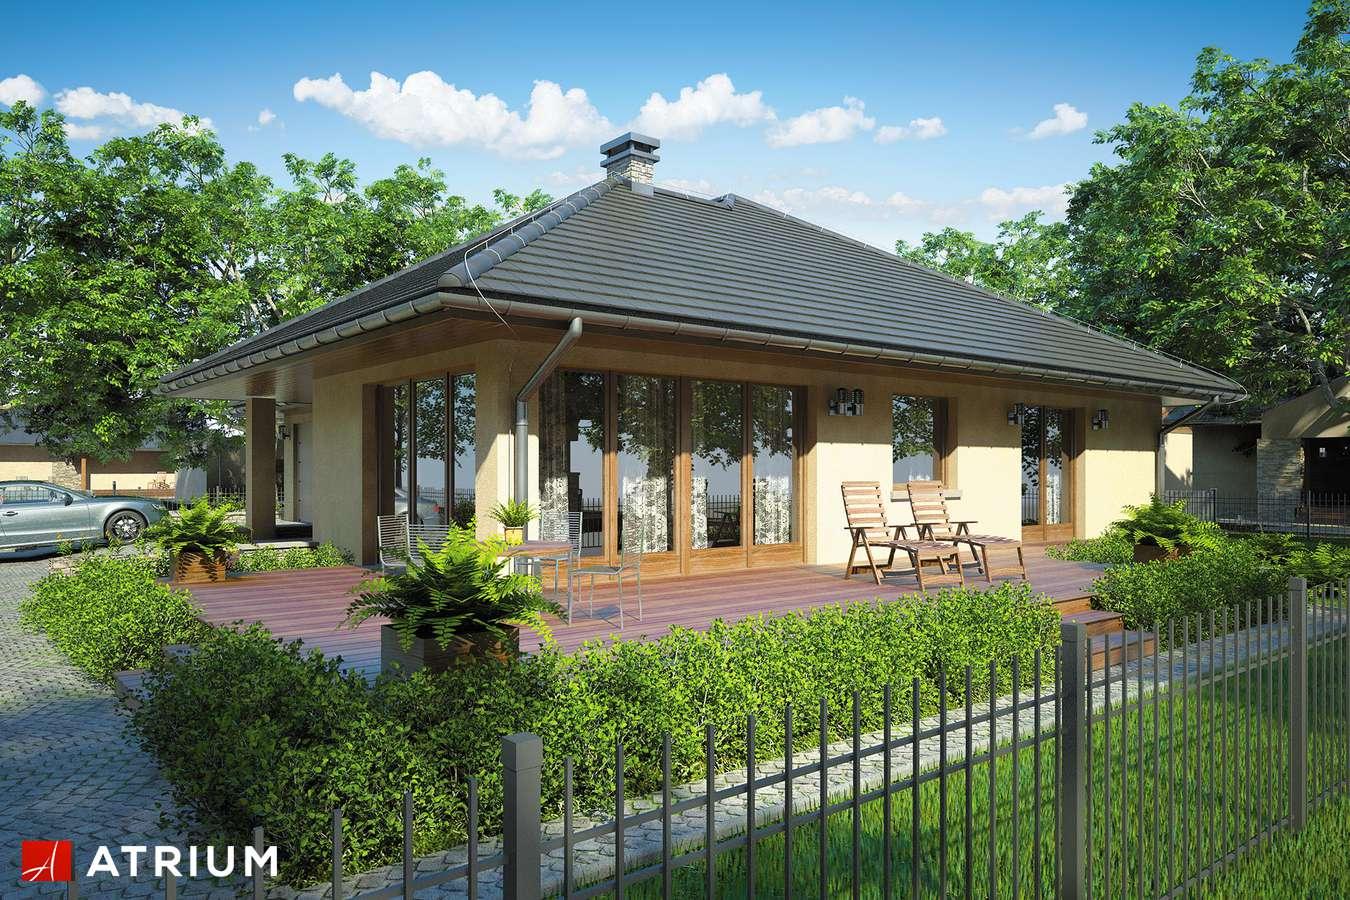 Projekty domów - Projekt domu parterowego BEVERLY - wizualizacja 2 - wersja lustrzana